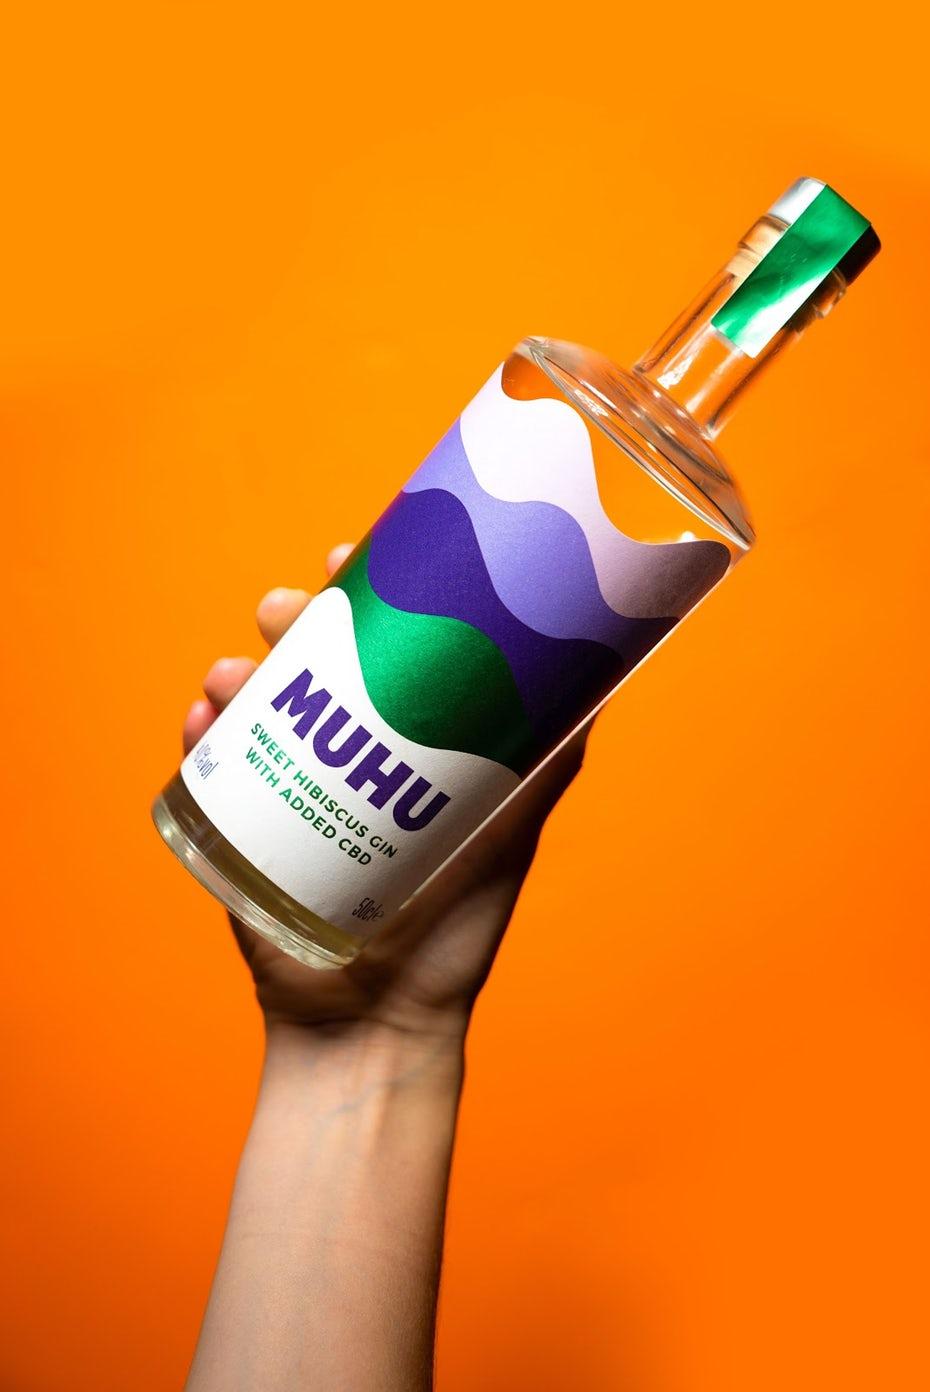 """Дизайн этикетки MUHU на оранжевом фоне """"width ="""" 1069 """"height ="""" 1600 """"/>    <figcaption> Дизайн этикетки MUHU от SB.D </figcaption></figure> <p> Благодаря уникальности Будучи лидером в своем продукте и опережая две самые большие тенденции в сфере здравоохранения и велнеса в этом году, Салли смогла получить мгновенную рекламу о MUHU, не вкладывая слишком много в маркетинг. Не все готовы к КБР, а некоторые розничные торговцы и дистрибьюторы еще не готовы иметь дело с продуктами КБР », — отмечает она. </p> <p> Итак, что дальше для MUHU? Салли планирует и дальше внедрять новые вкусовые разновидности (следующая лемонграсс!). Вскоре она надеется перейти на готовые к употреблению напитки и безалкогольные напитки, которые продолжают извлекать выгоду из медицинских преимуществ КБР, оставаясь без сахара. </p> <p> По мере того, как растет тенденция к употреблению полезных для здоровья напитков, нет никаких сомнений в том, что MUHU останется в превосходном положении как один из первых в своем роде на рынке. </p> </p></div> </pre>  <span class="""